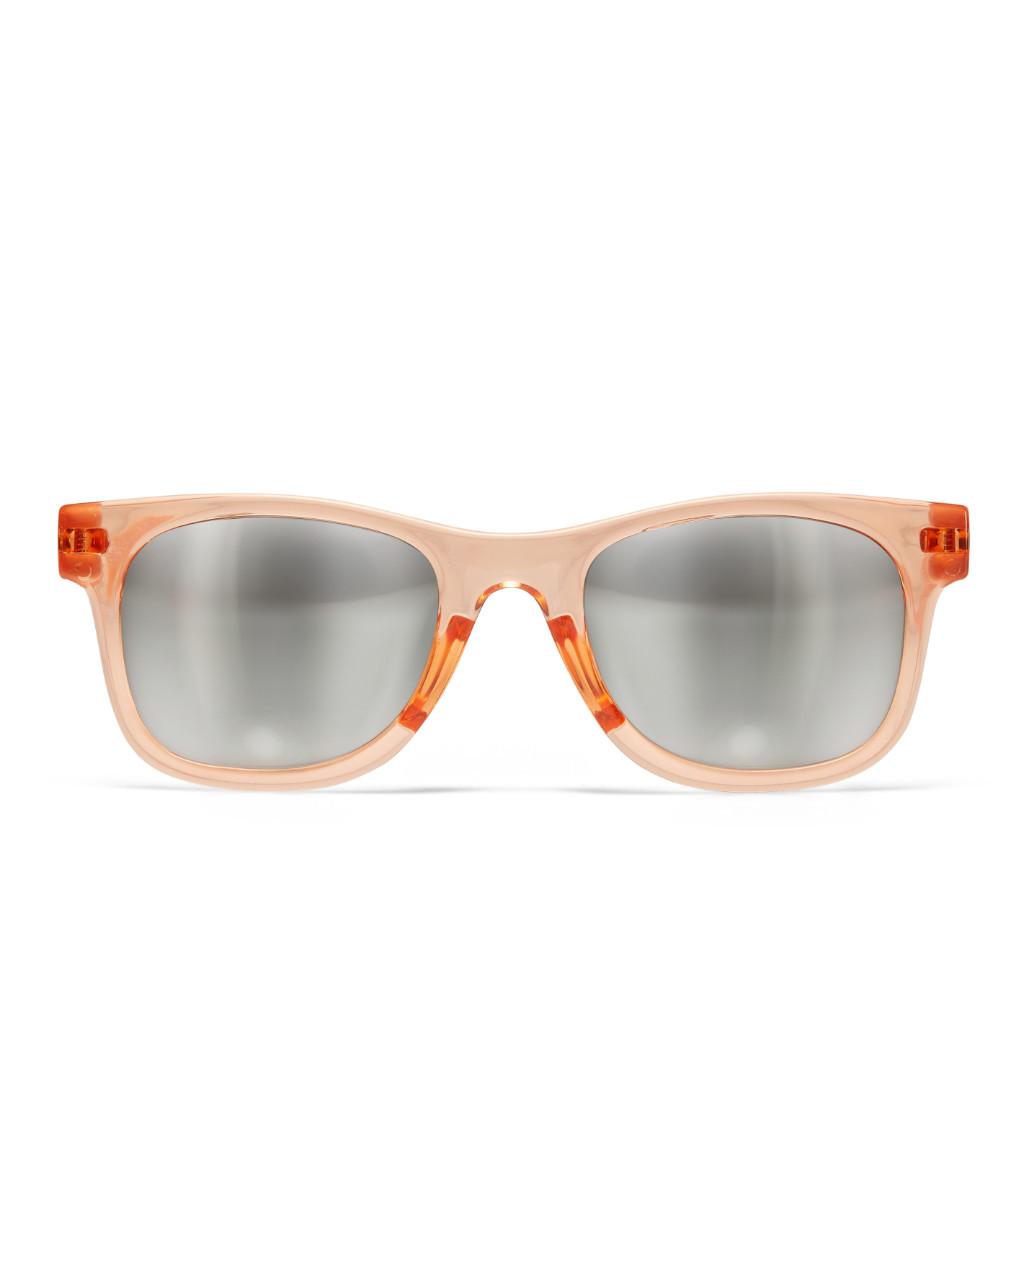 Occhiale specchio 24m+ bimba - Chicco